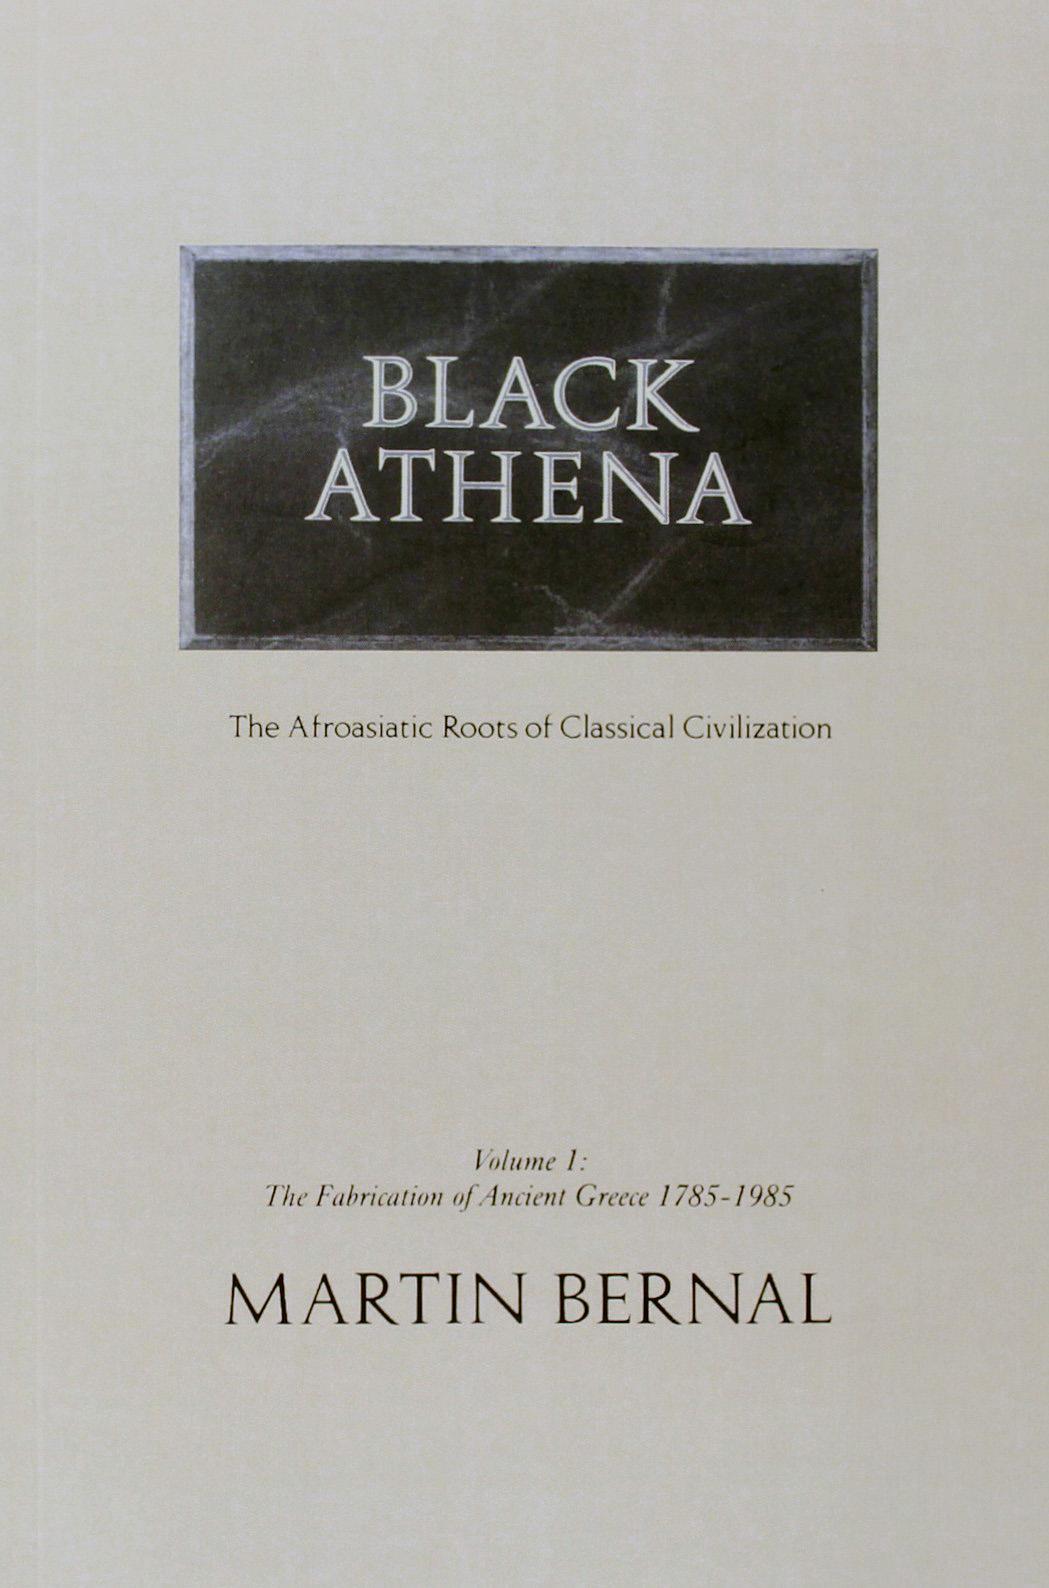 <em>Black Athena, Volume I</em> by Martin Bernal